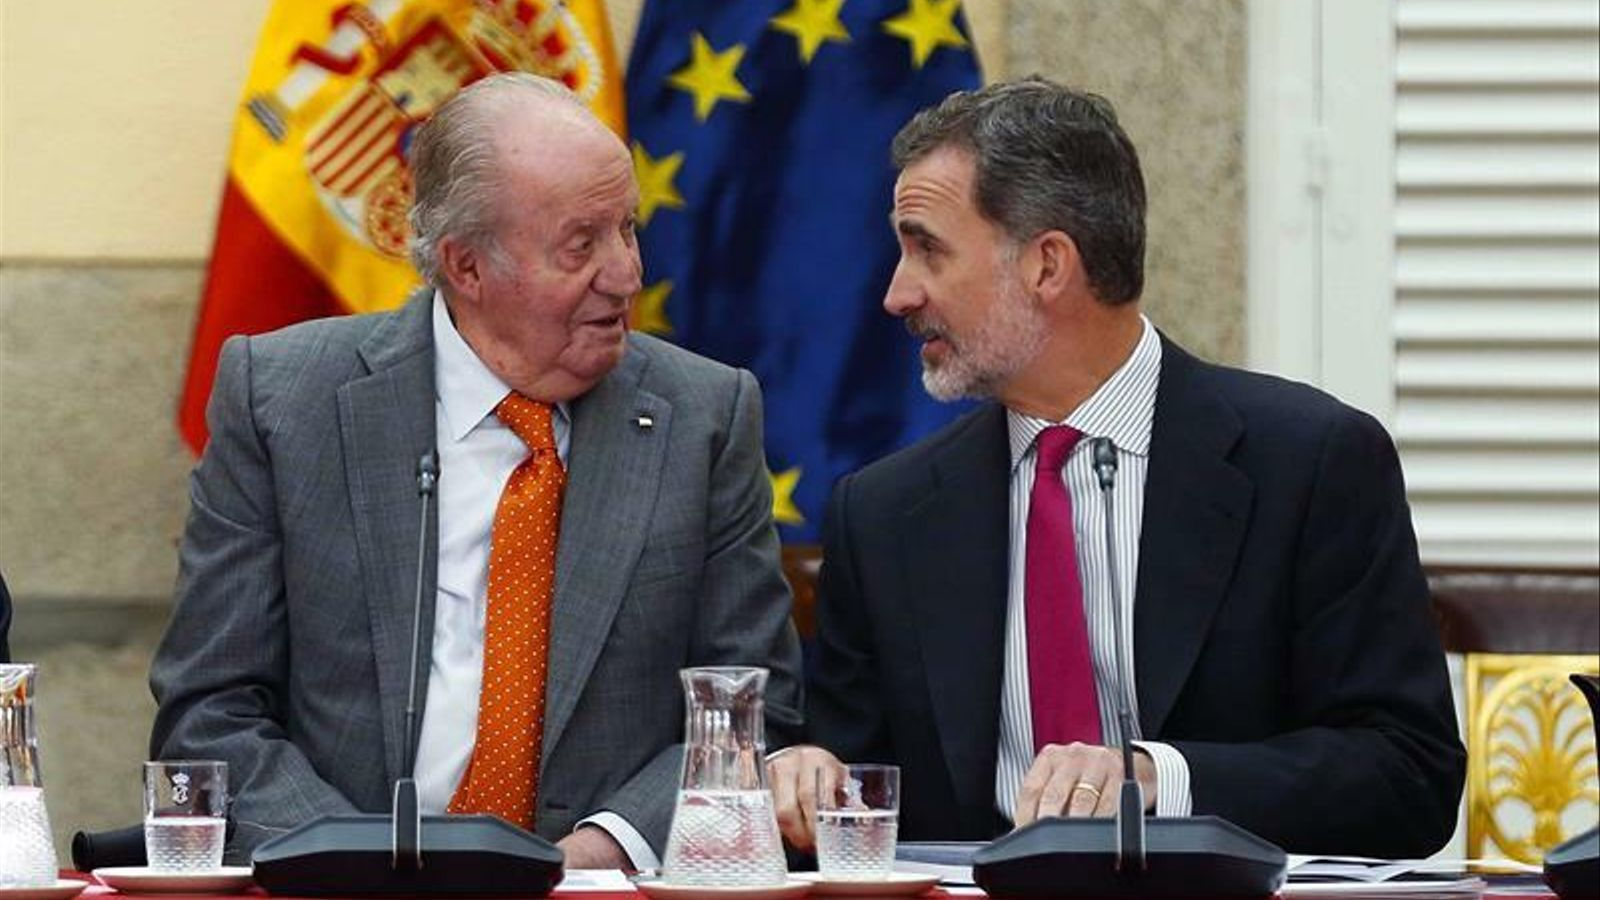 El rei Joan Carles I, amb el rei Felip VI, en una imatge recent